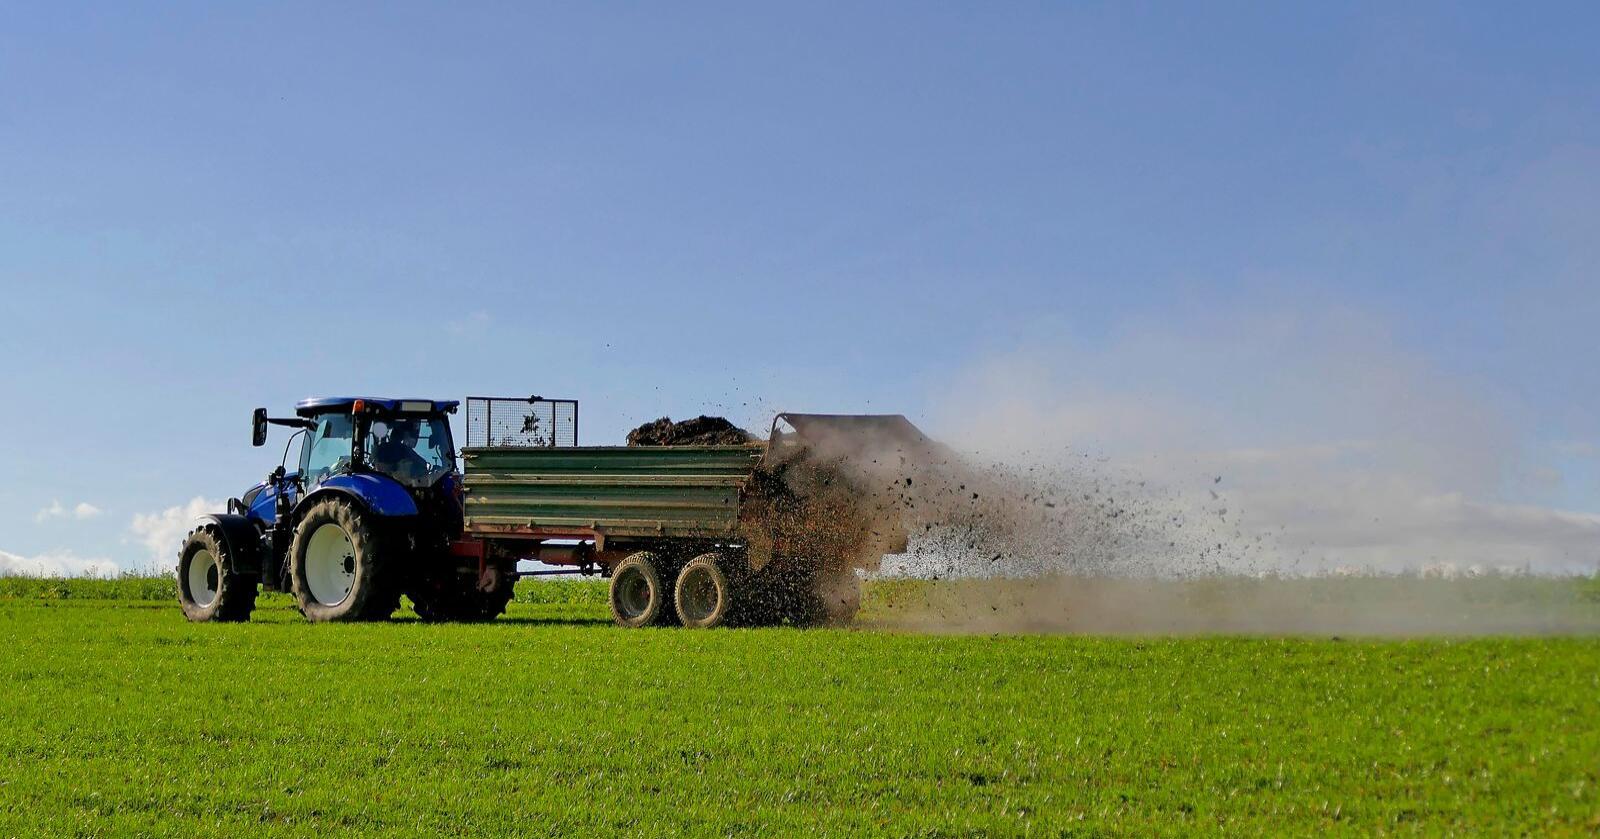 Agritech: Økt teknologieksport fra landbruket vil styrke tilbudet til norsk landbruk, samtidig som det skaper flere jobber og eksportvekst. Illustrasjonsbilde: Mostphotos